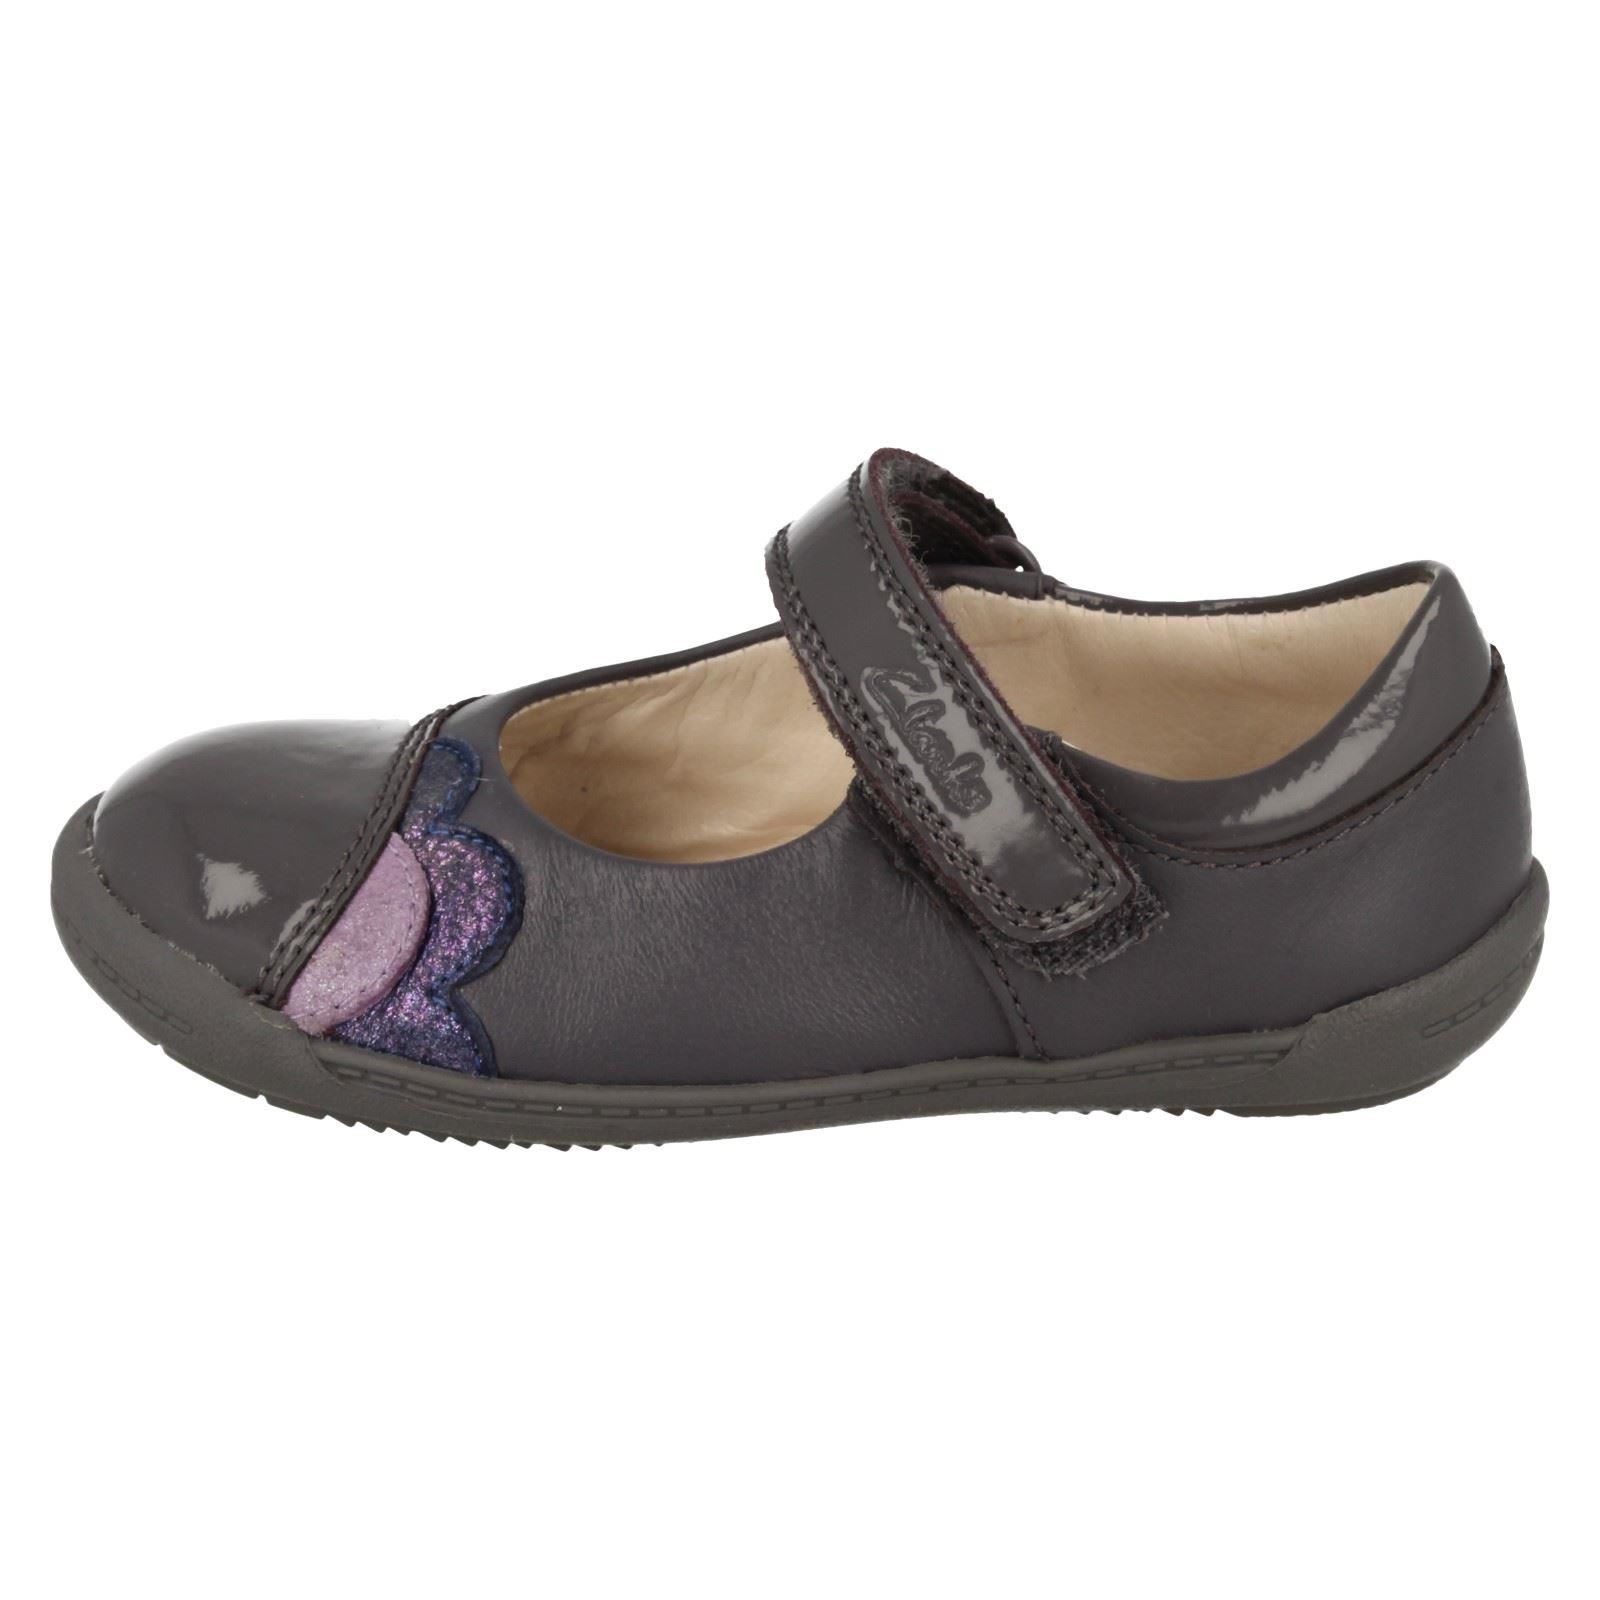 Anthracite Hook Clarks gris con Girls First cuero Caz de suavidad Shoes Infant Casual Loop q7FxB